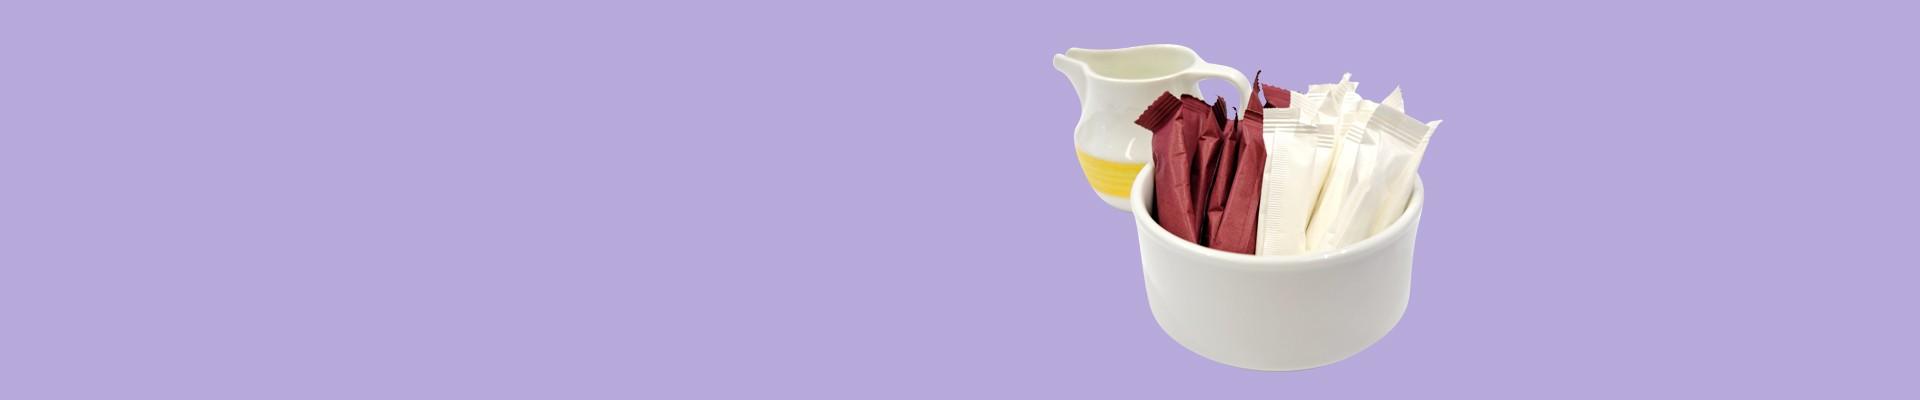 Jual Krimer Untuk Minuman Lengkap & Harga Murah Online